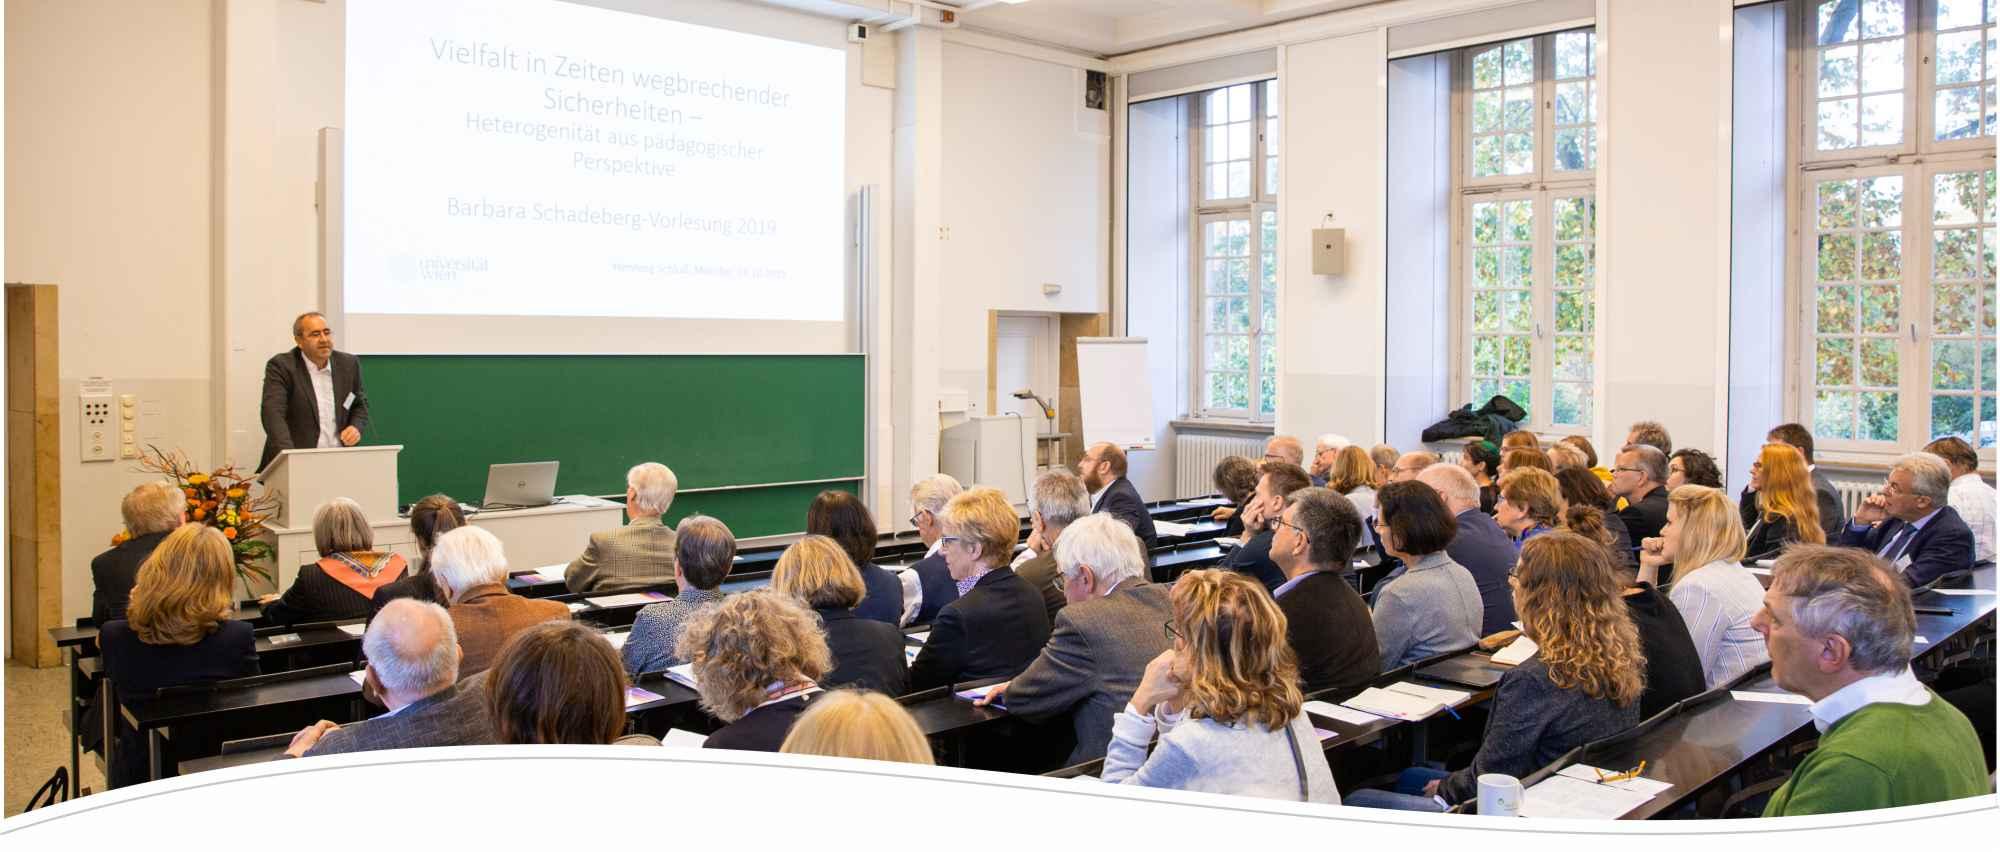 Barbara-Schadeberg-Stiftung Vortrag Prof. Dr. Henning Schluß